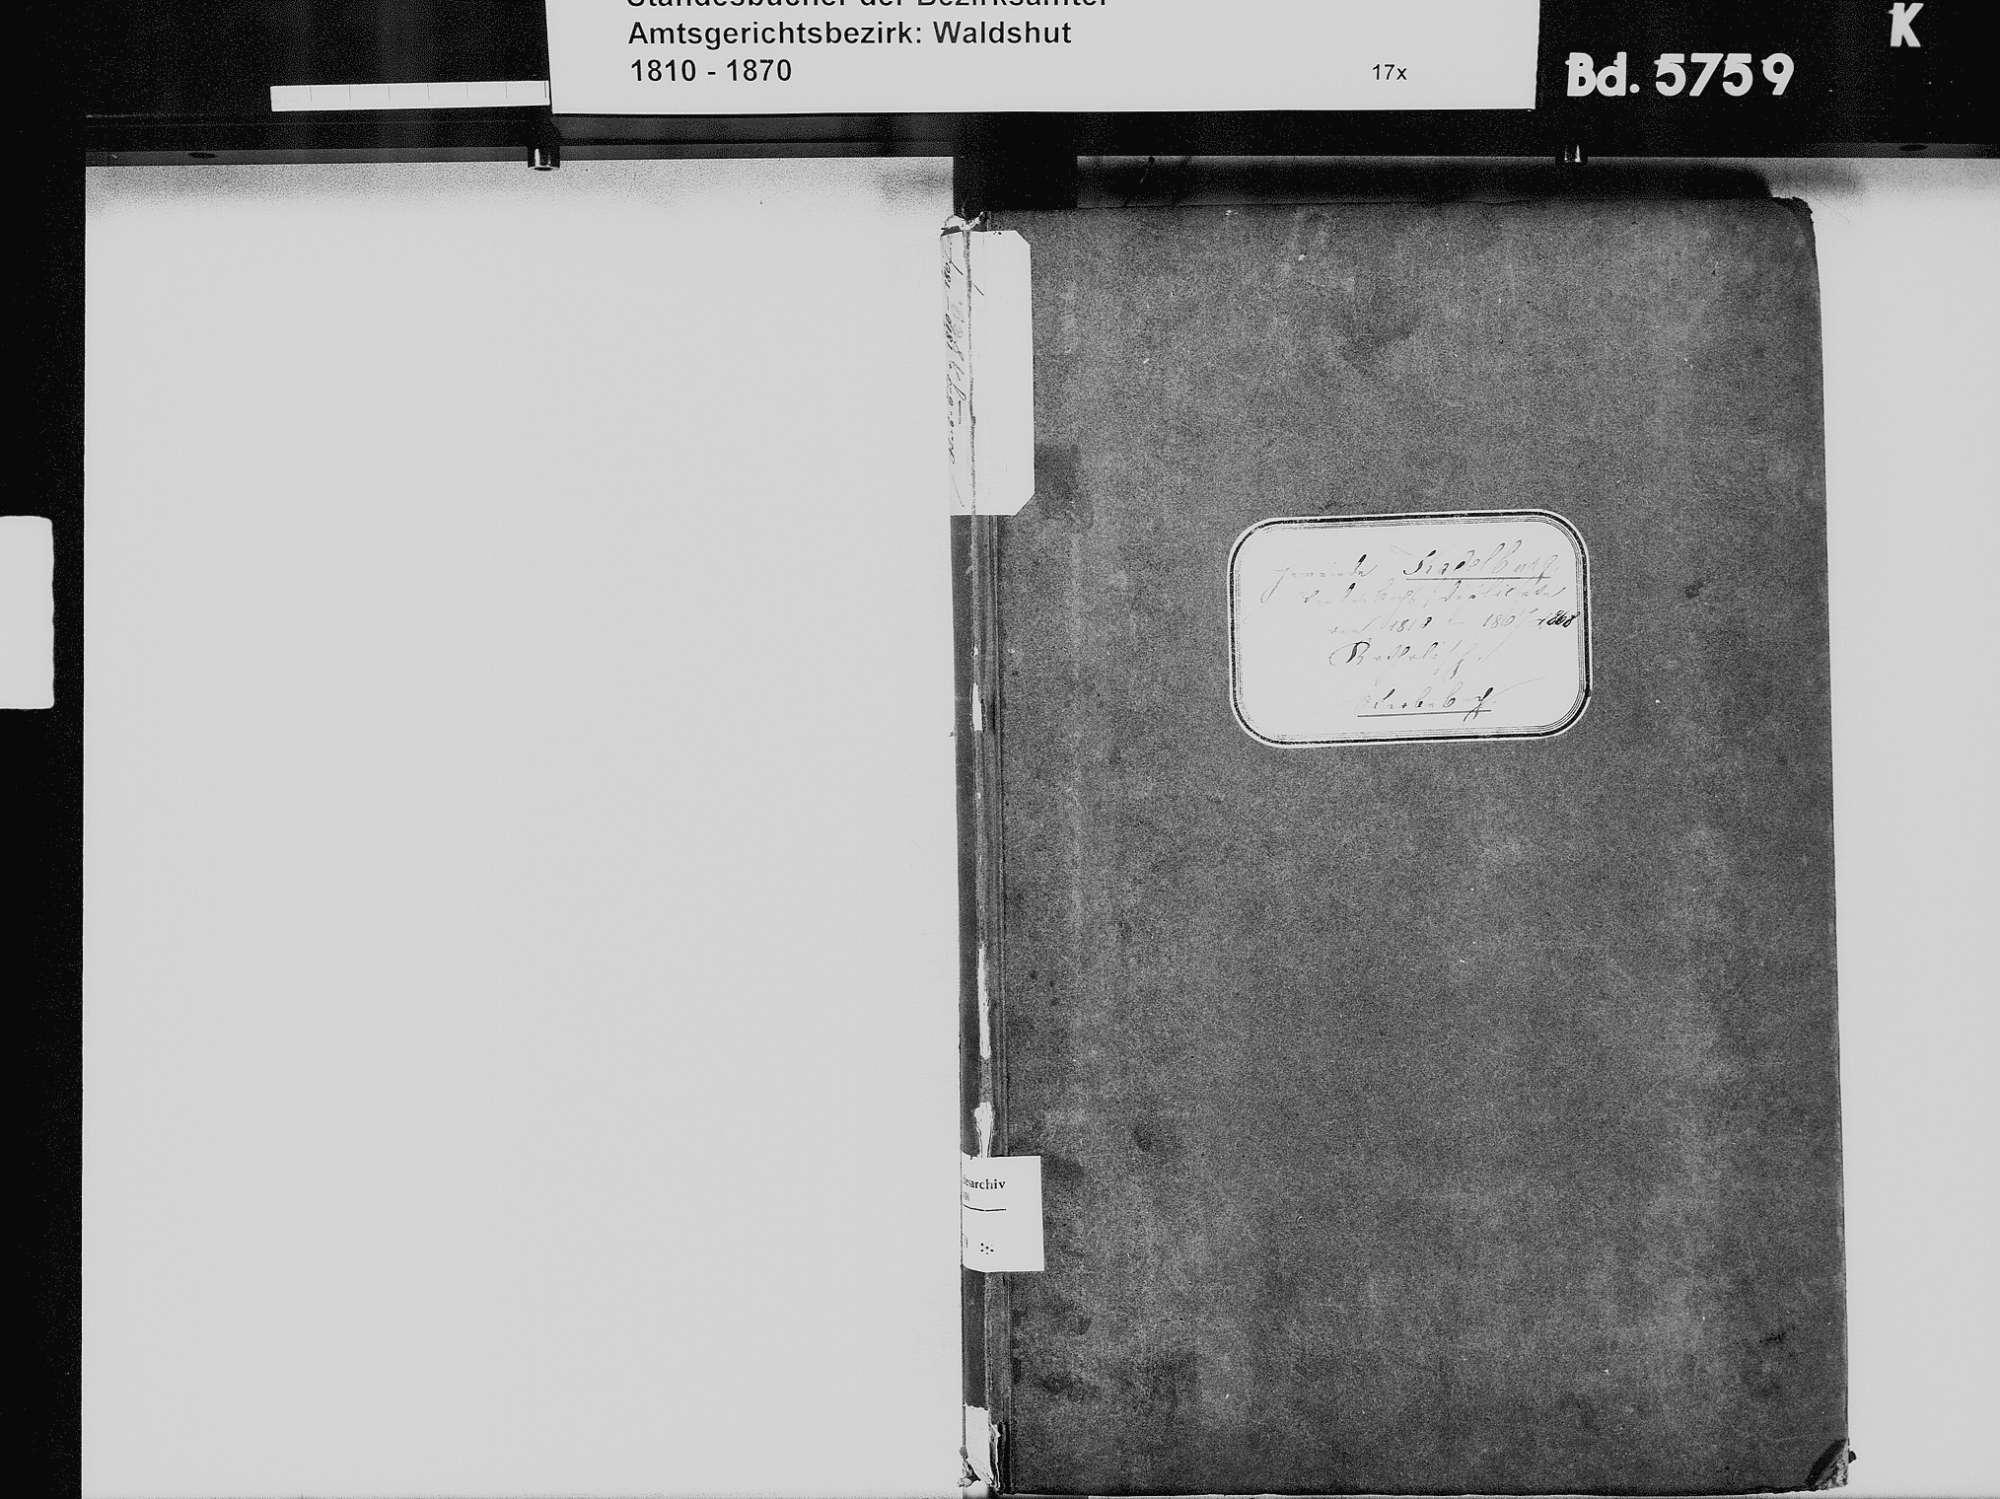 Kadelburg, Küssaberg WT; Katholische Gemeinde: Heiratsbuch 1821, 1829 Kadelburg, Küssaberg WT; Katholische Gemeinde: Sterbebuch 1810-1869, Bild 3